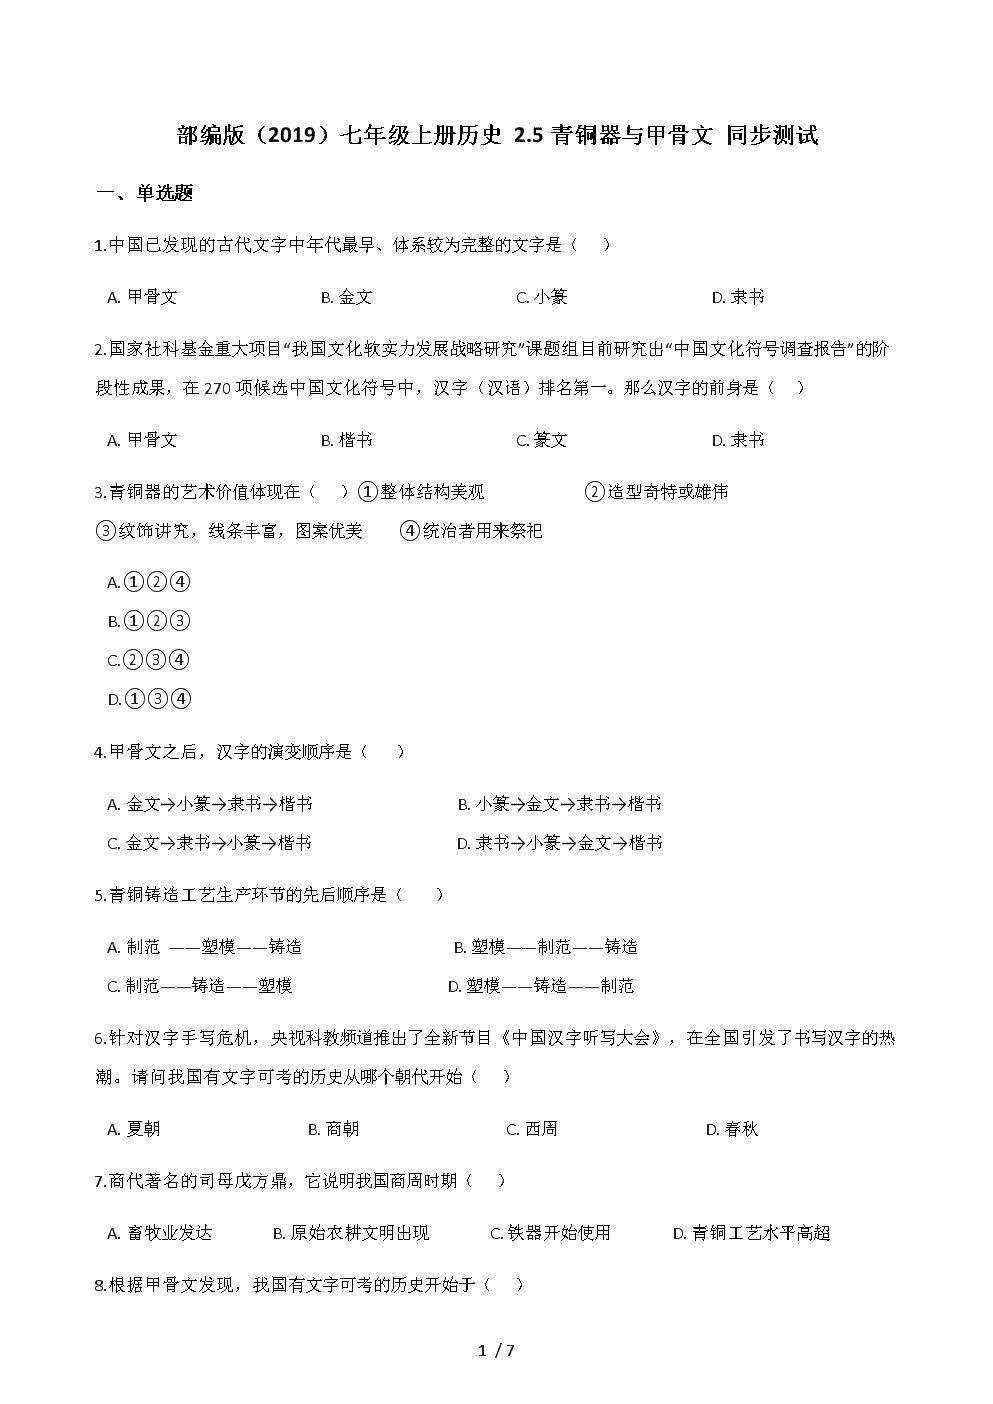 人教版(2016)七年级上册历史 2.5青铜器与甲骨文 同步测试.docx